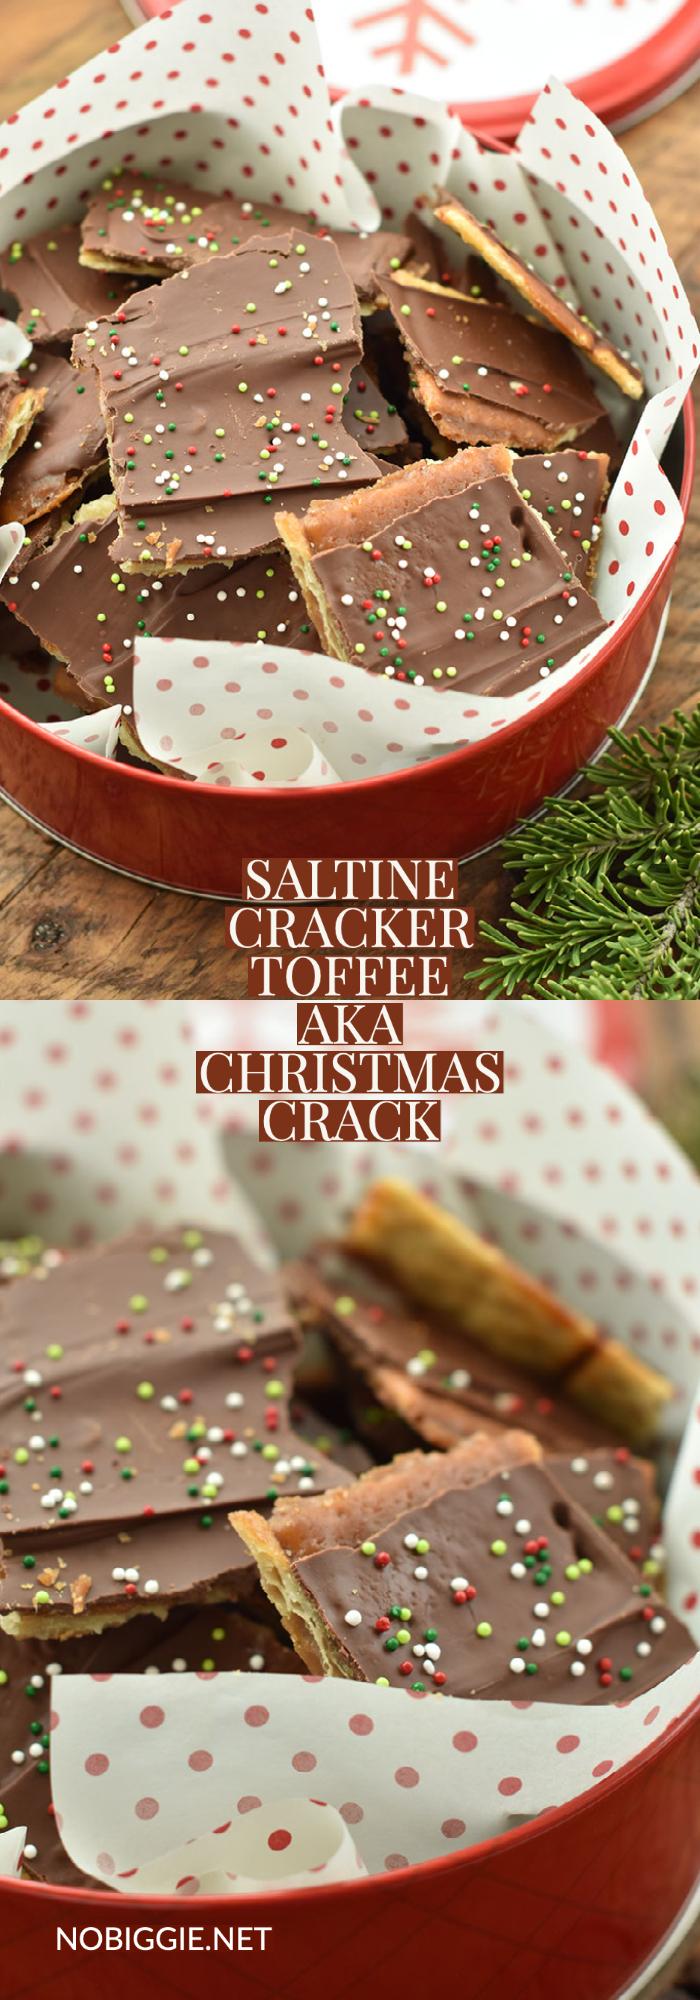 saltine cracker toffee | NoBiggie.net